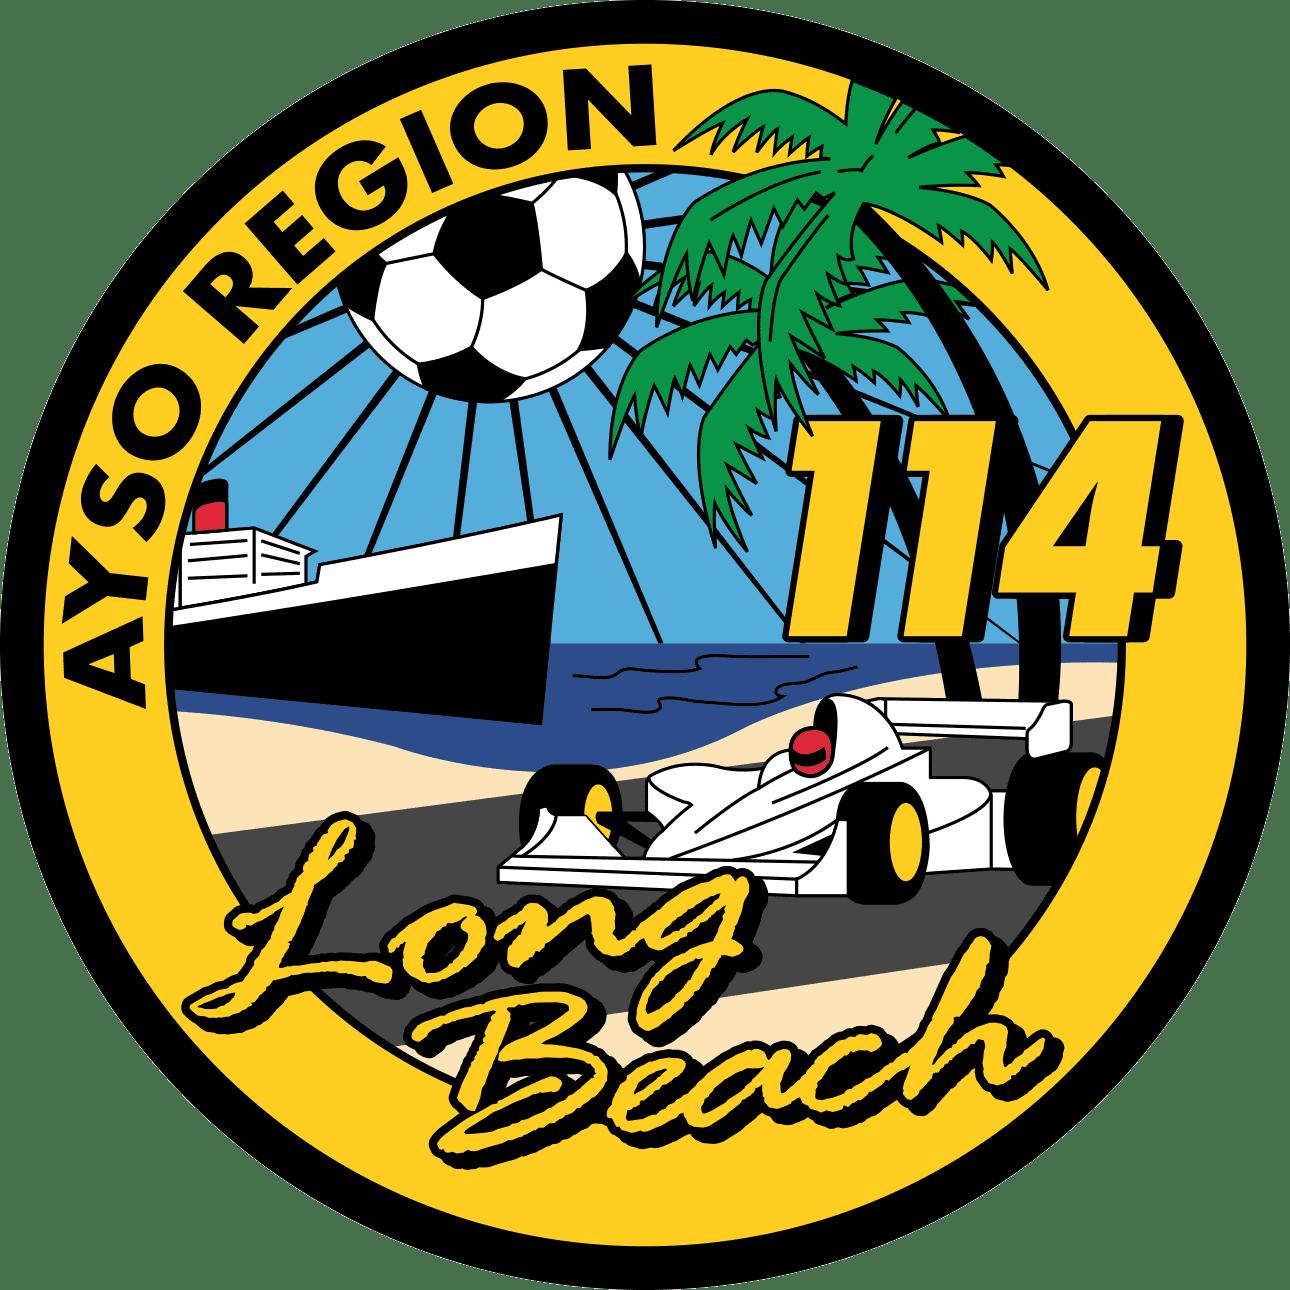 AYSO Region 114 Long Beach